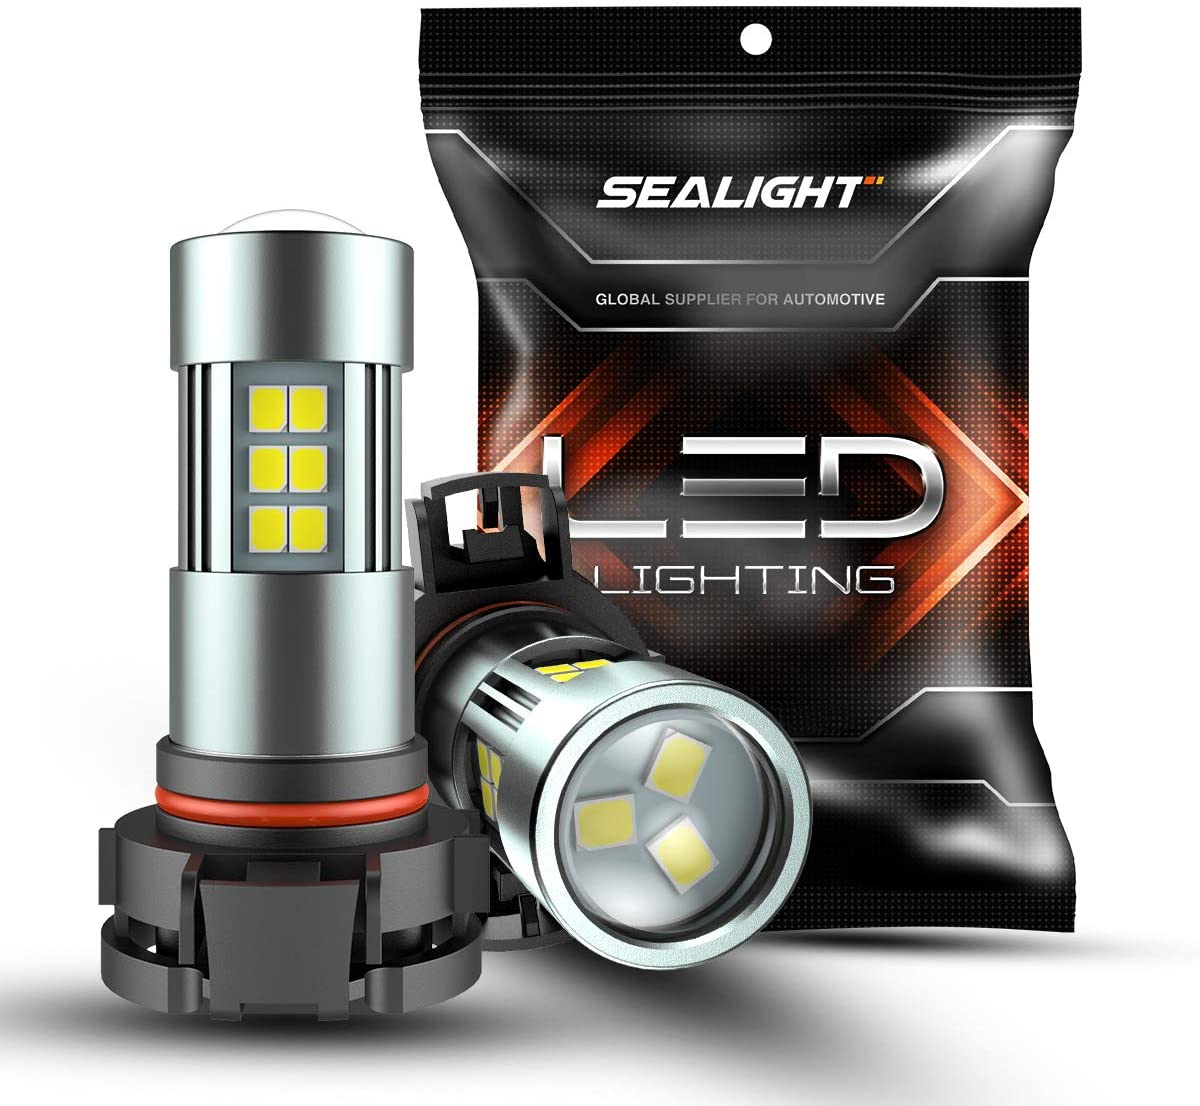 SEALIGHT 2 uds 5202 luces LED de niebla bombillas 6000K luces de circulación diurna 2504/H16 tipo 1PSX24W/9009 27 SMD Chips de luz